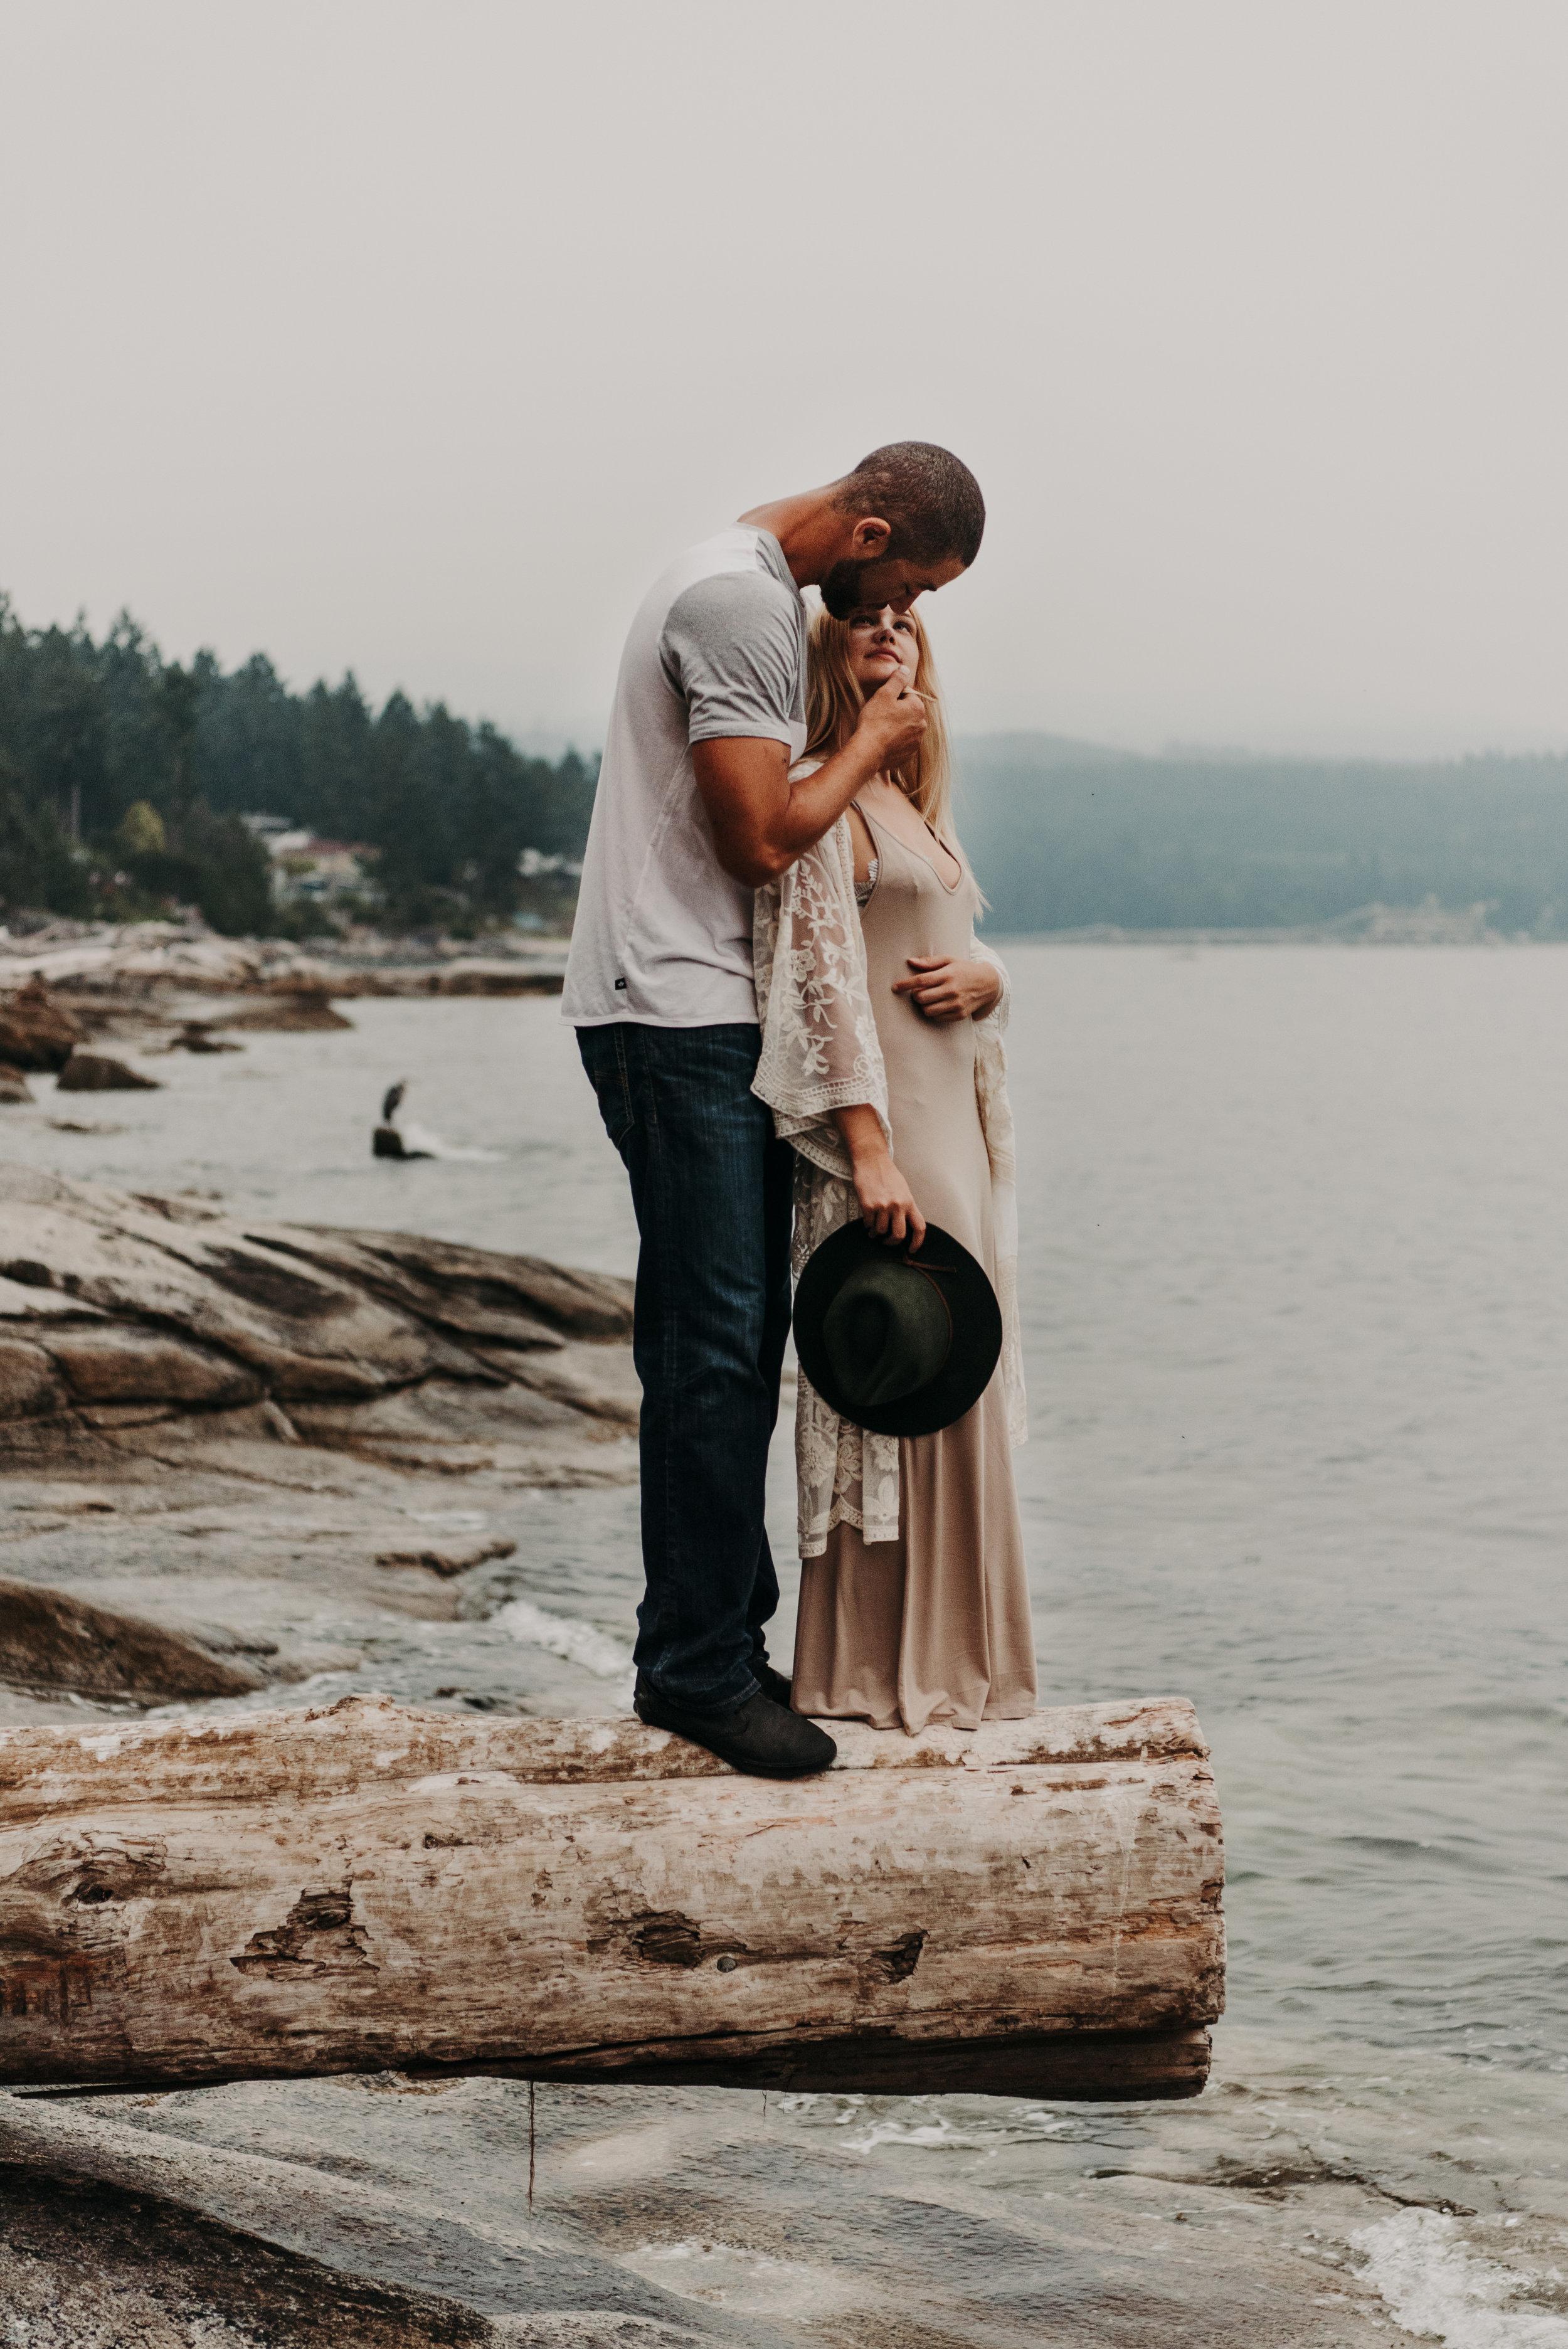 Sierra & Tyler Summer Beach Couples Session - Laura Olson Photography - Sunshine Coast BC Photographer-2507.jpg